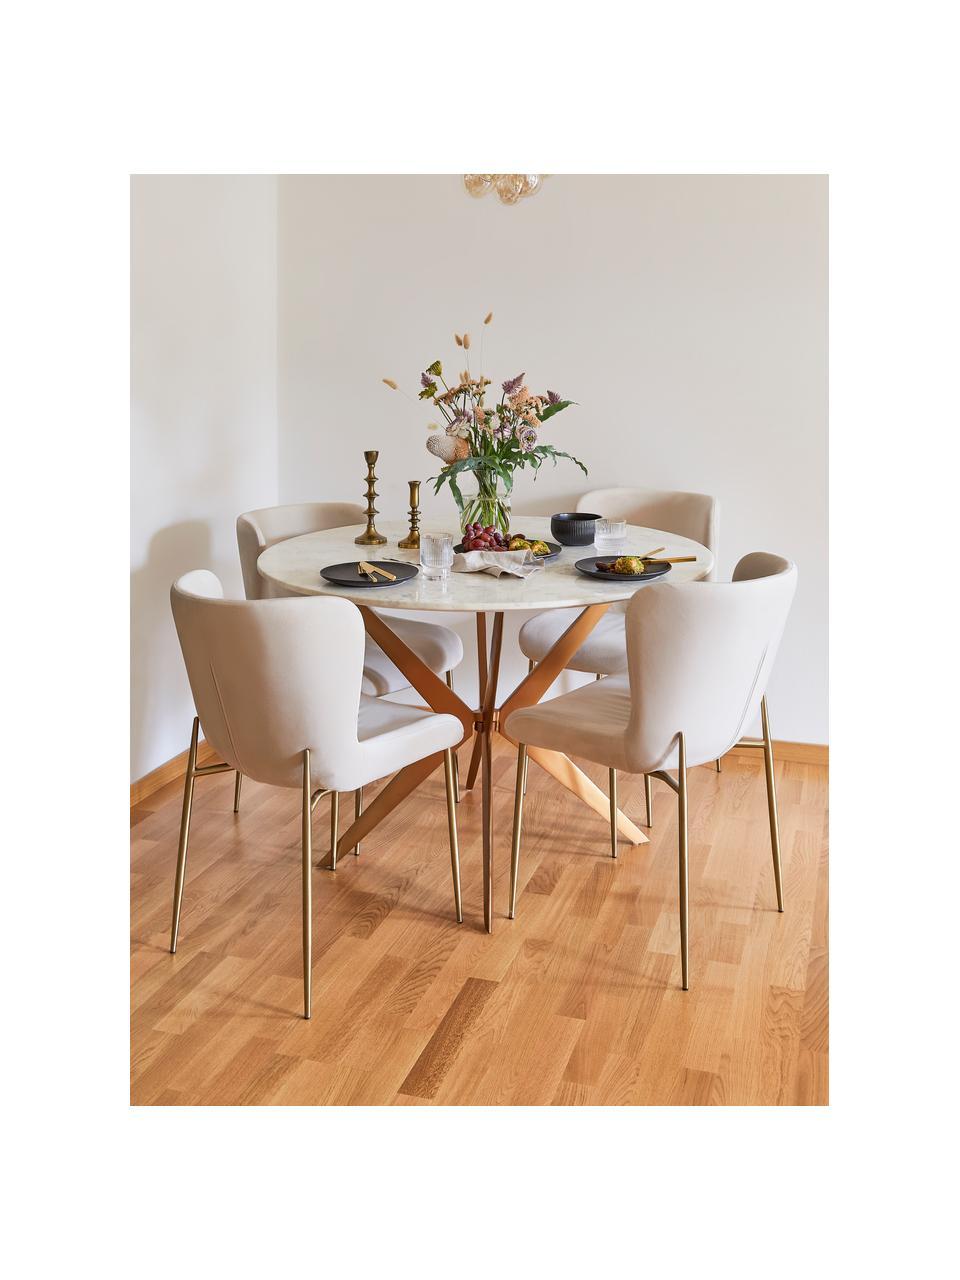 Okrągły stół do jadalni z marmuru Safia, Blat: marmur, Nogi: metal malowany proszkowo, Blat: białoszary marmur Stelaż: odcienie złotego, matowy, Ø 120 x W 76 cm